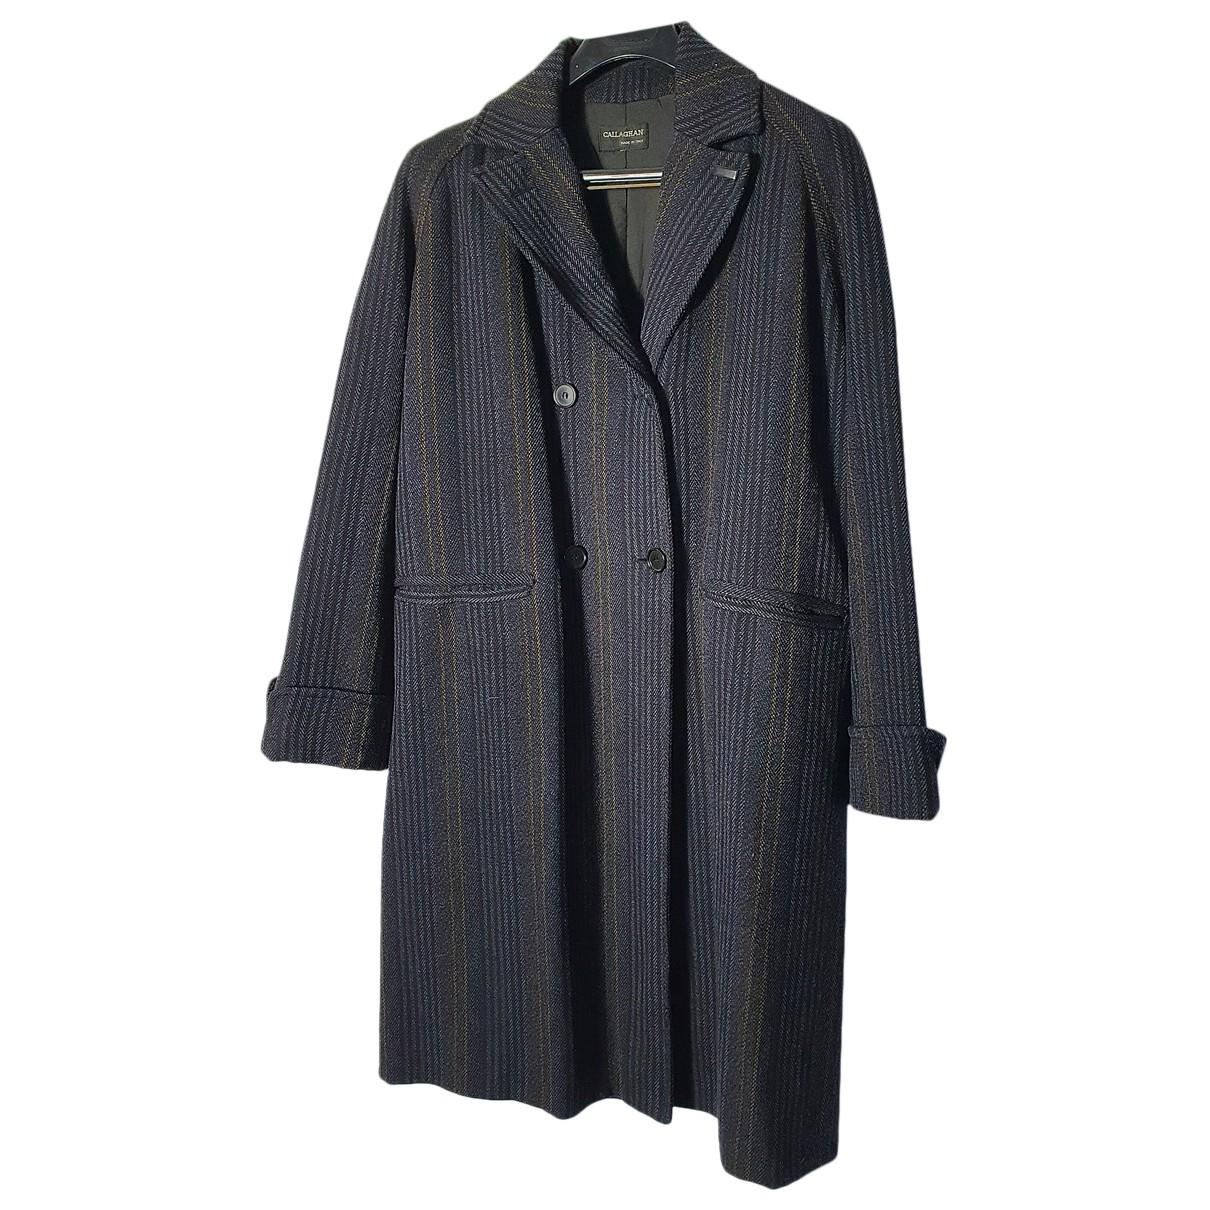 Callaghan - Manteau   pour femme en laine - anthracite